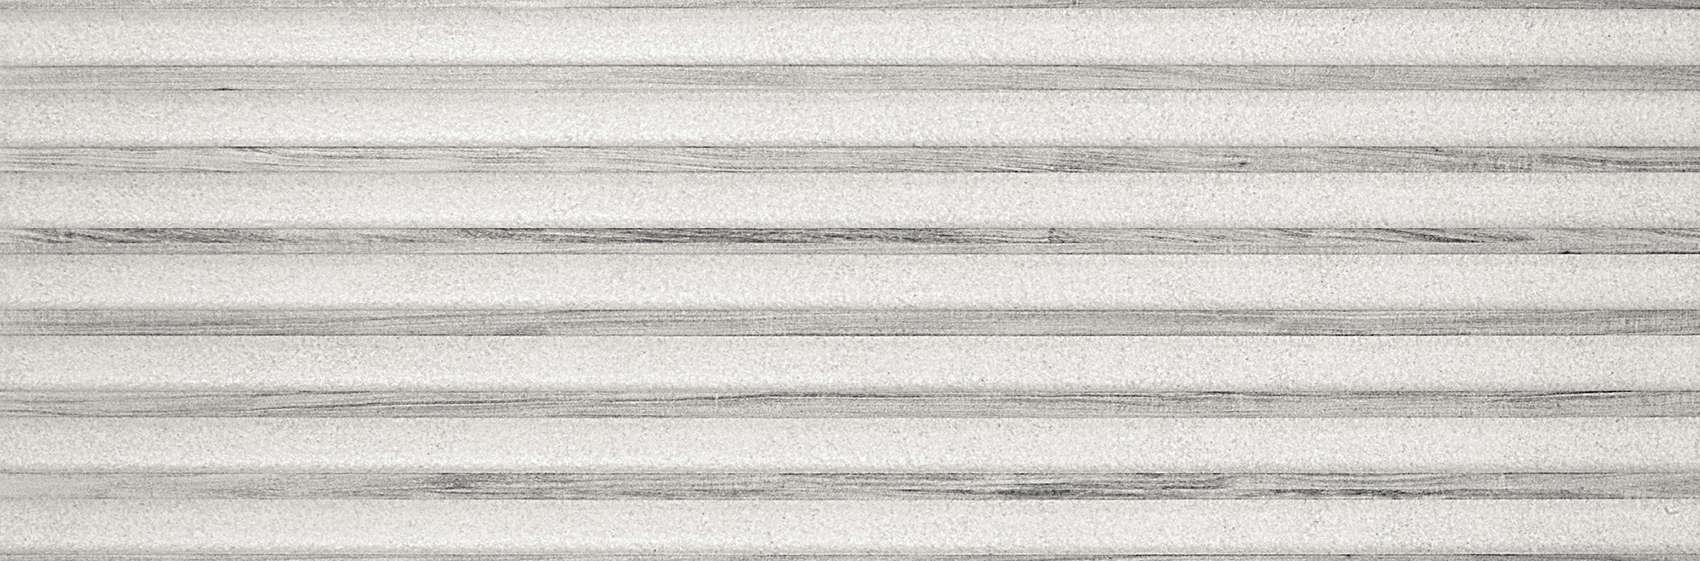 Faianță pentru baie Benadresa Polis Olimpo Perla Decor 333x1000 texturată și mată gri / 4